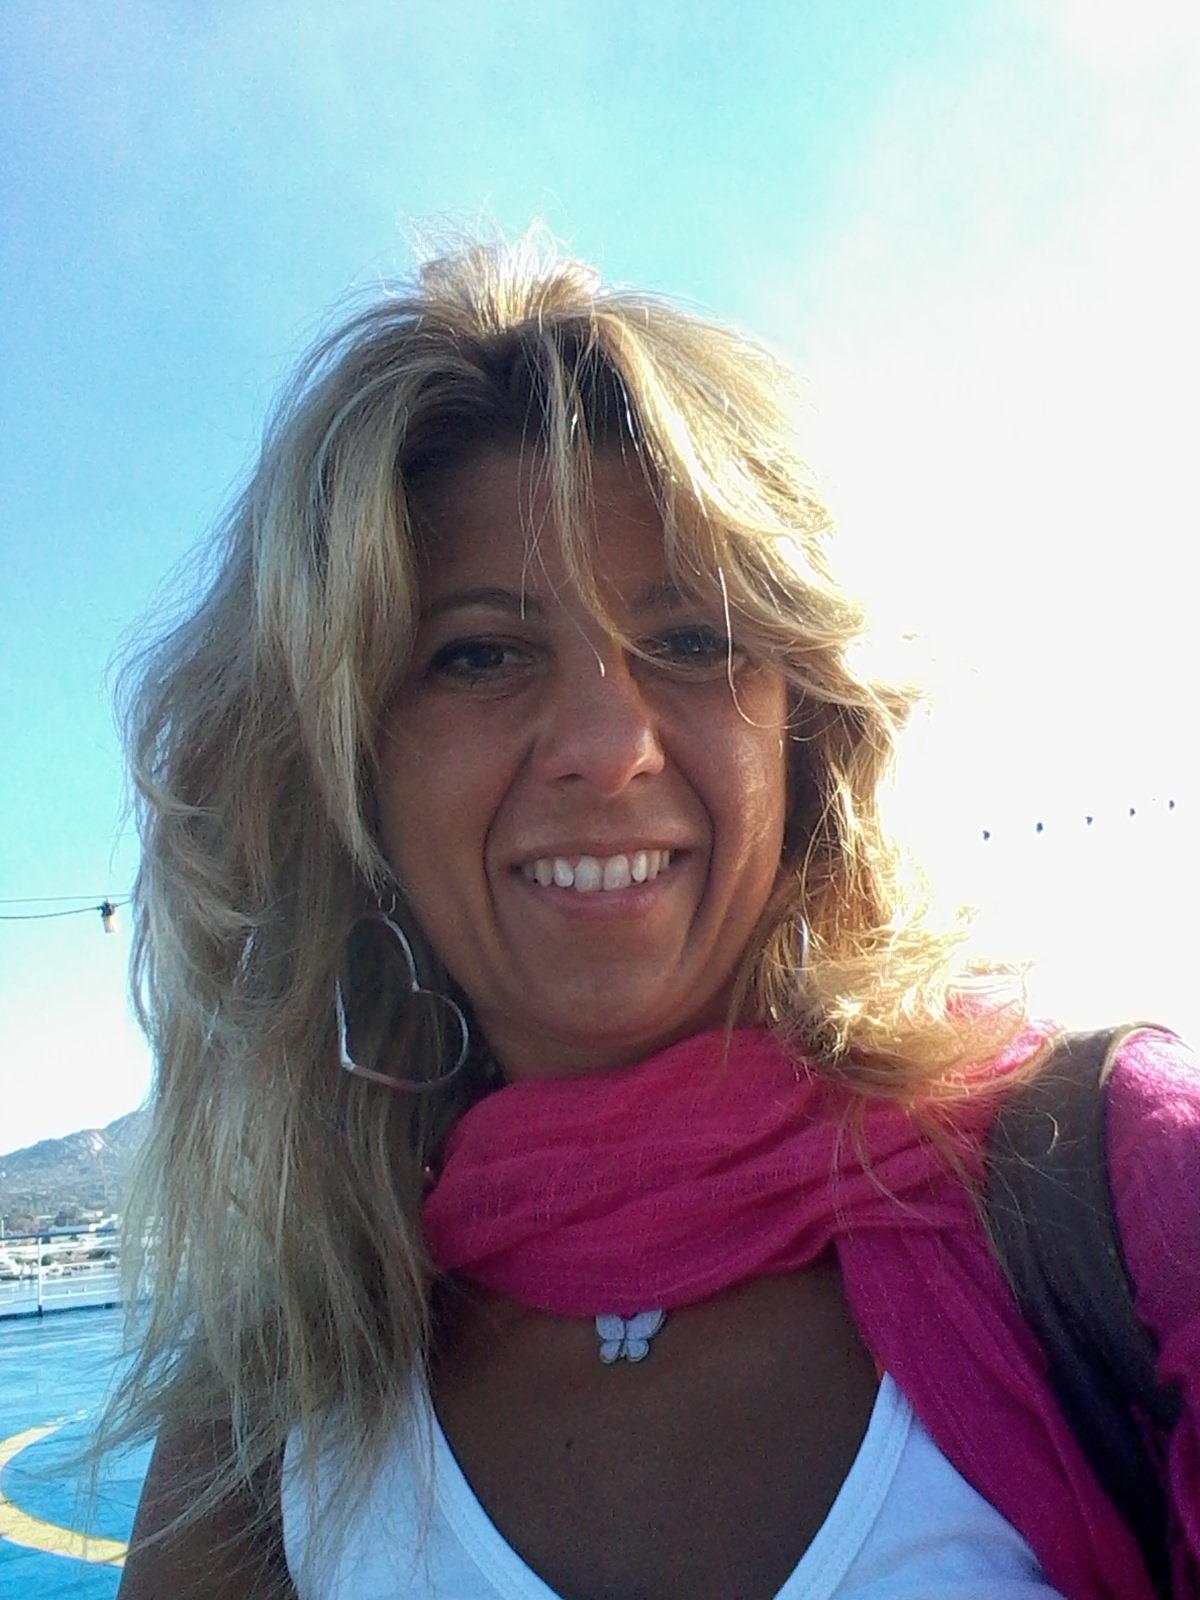 avv. Giovanna Ranieri, avv. Romolo Reboa, avv. Reboa, Romolo Reboa, Reboa, Romolo, Ingiustizia la PAROLA al POPOLO, la PAROLA al POPOLO